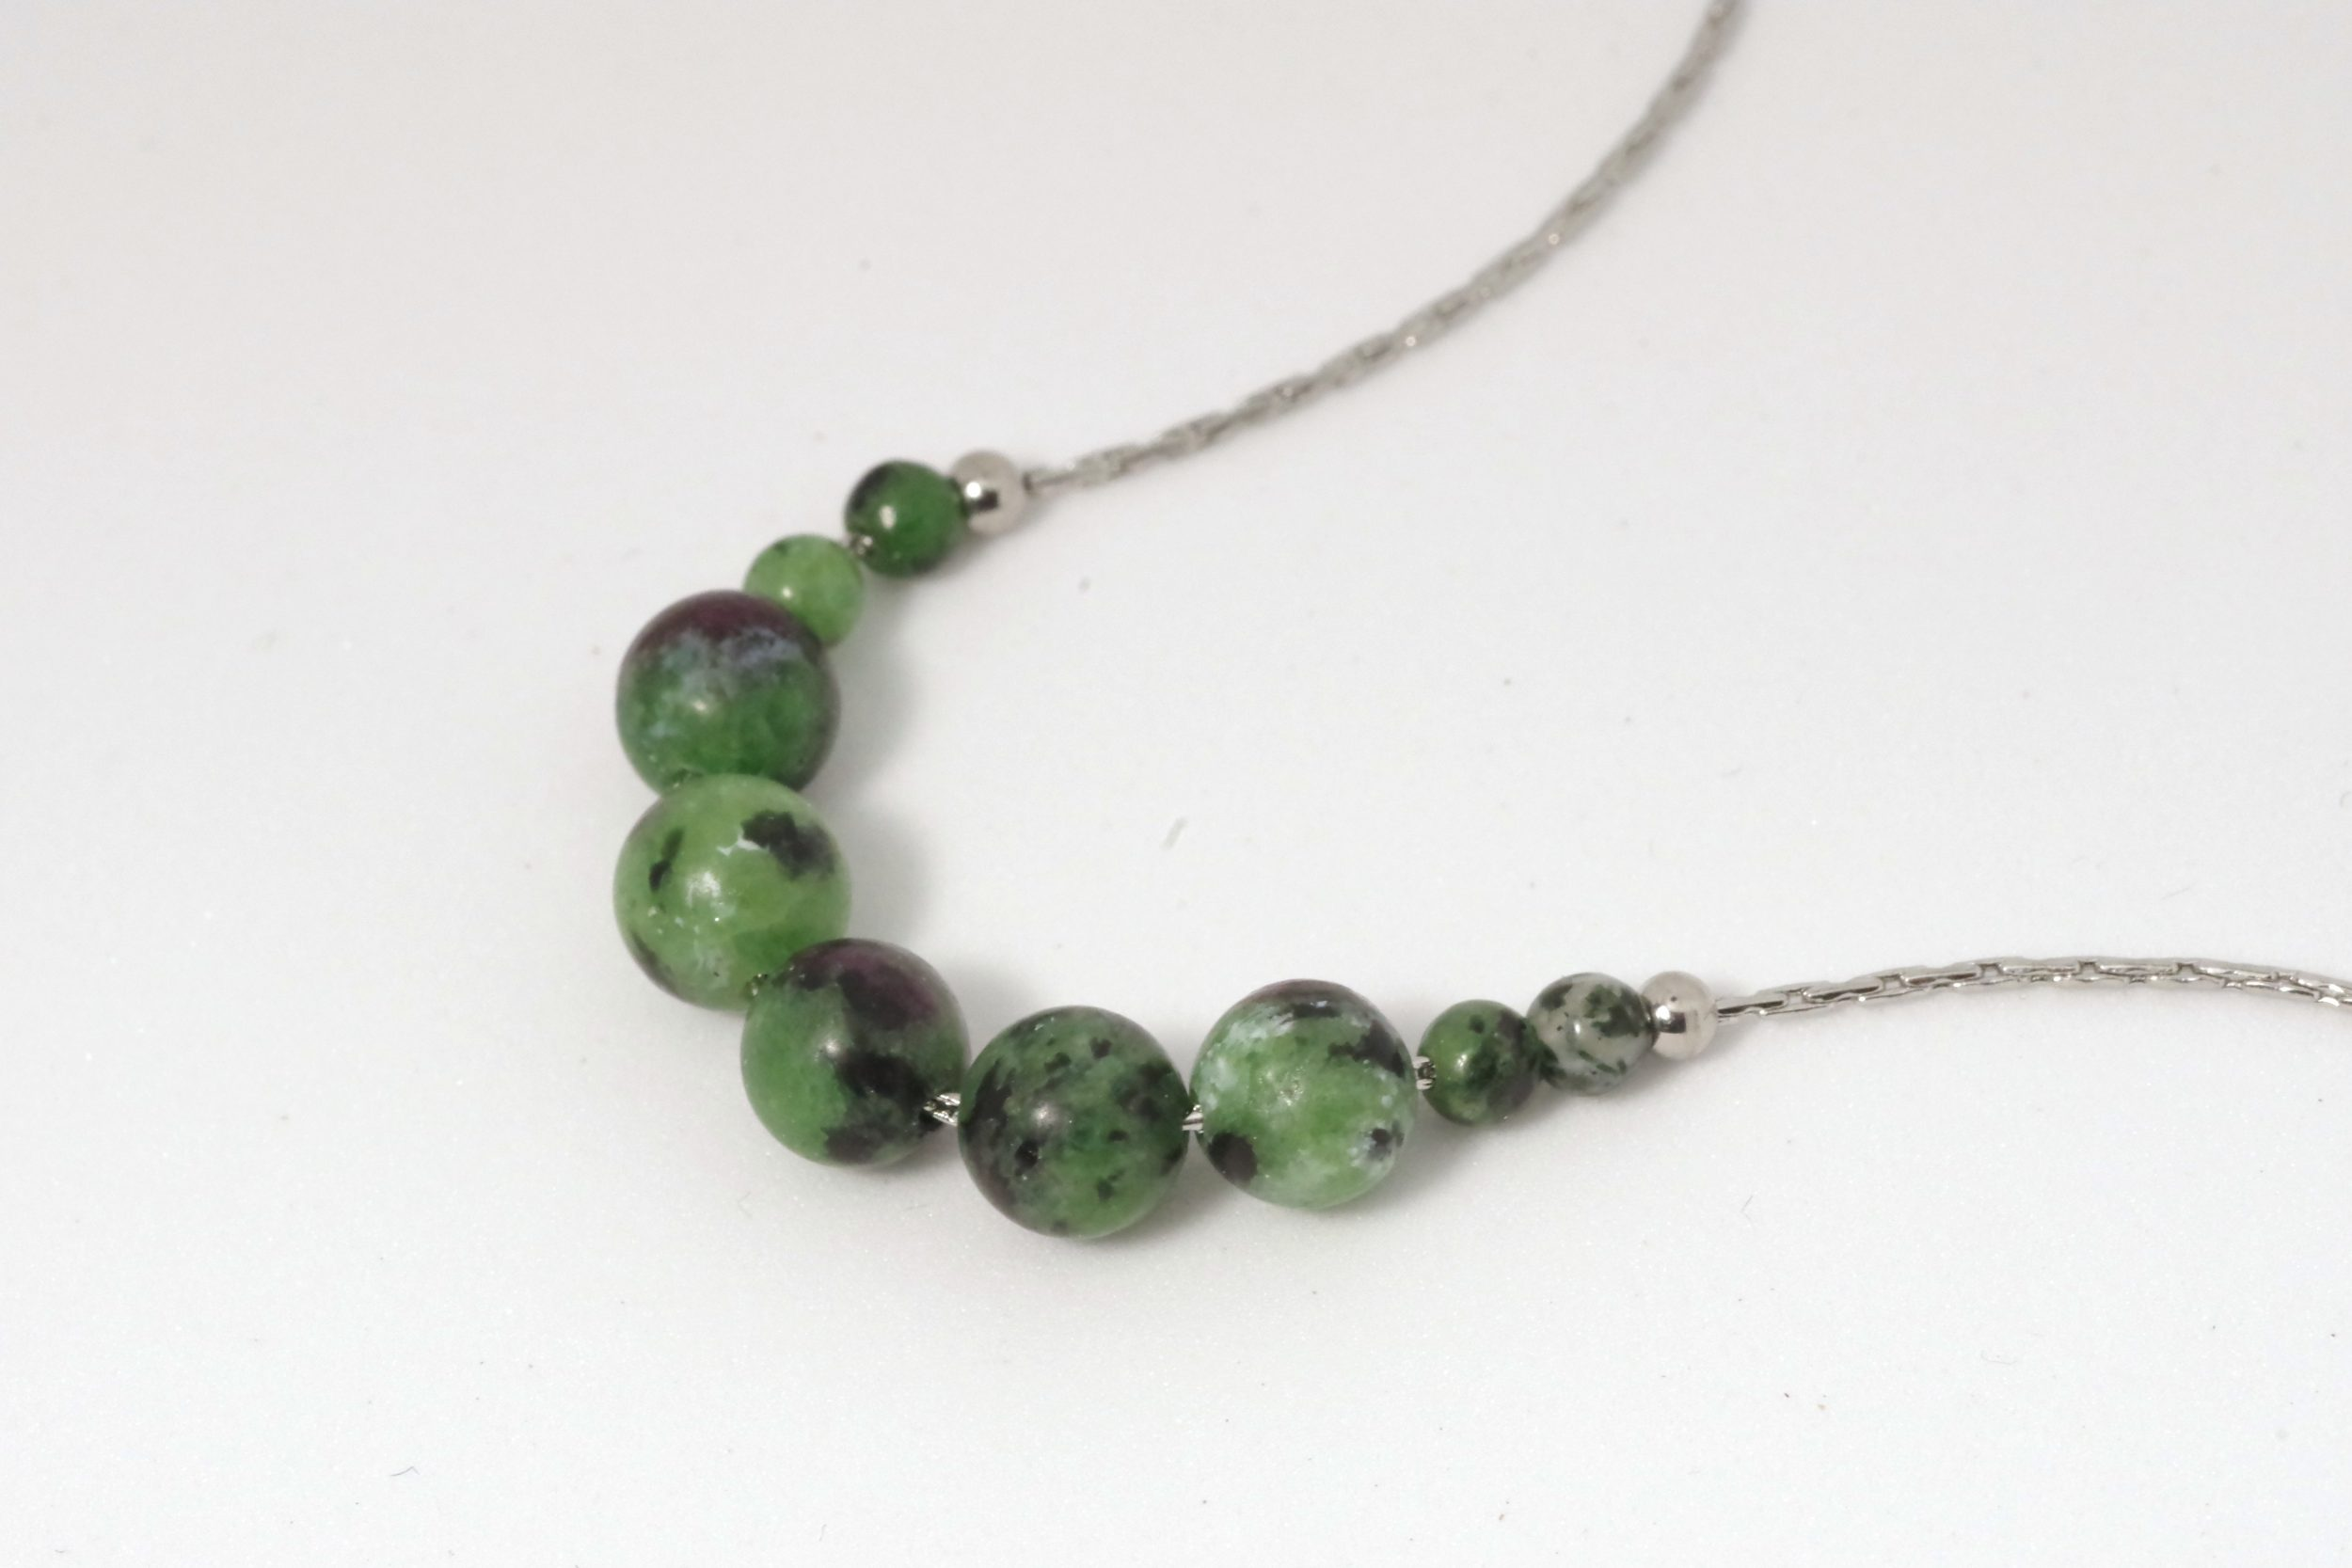 chaîne en inox avec des perles de pierre verte veinée de rouge